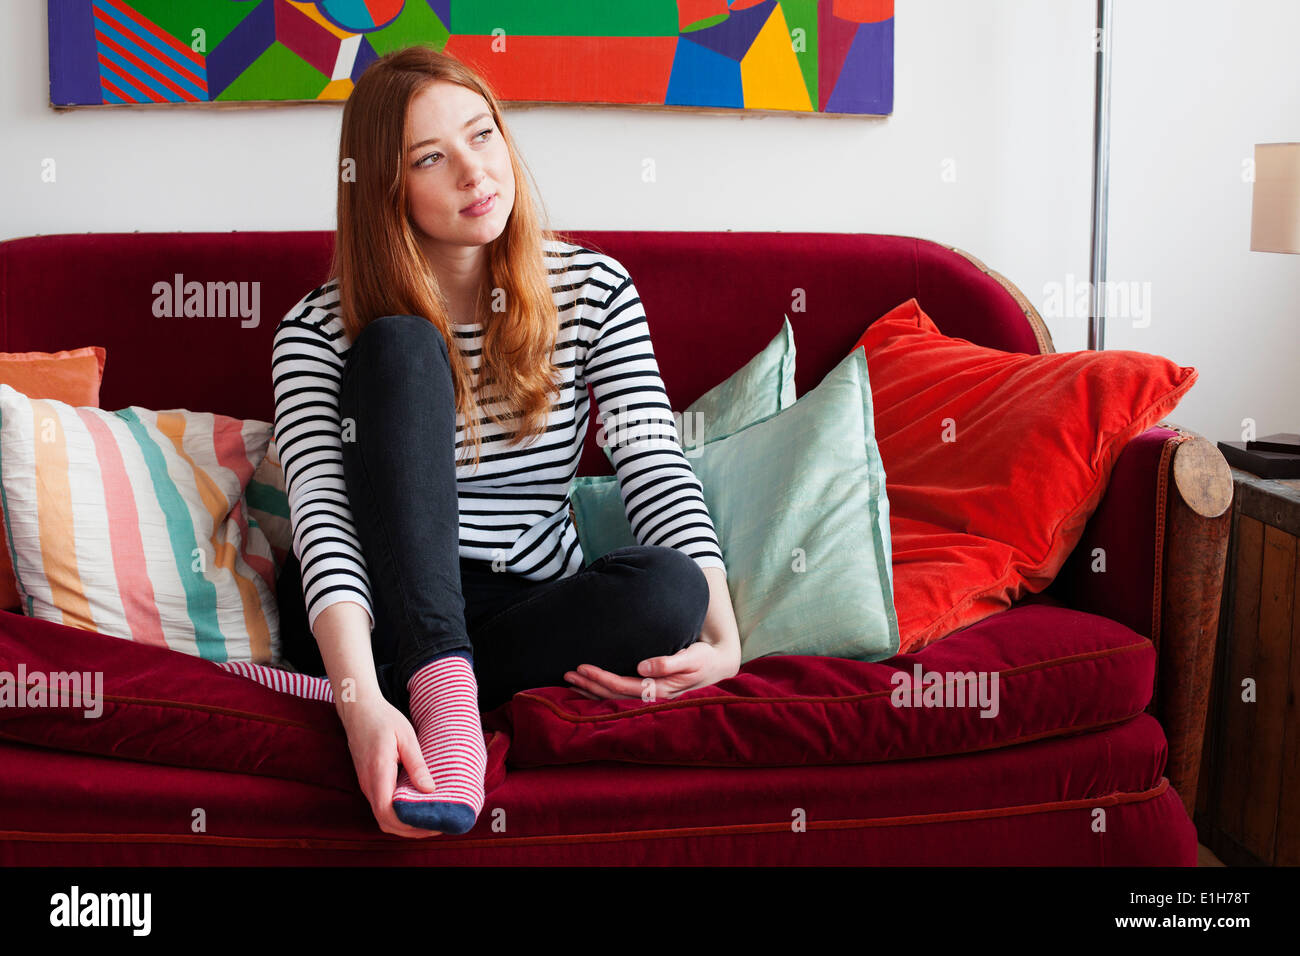 Mujer joven sentada en un sofá con patas arriba Imagen De Stock